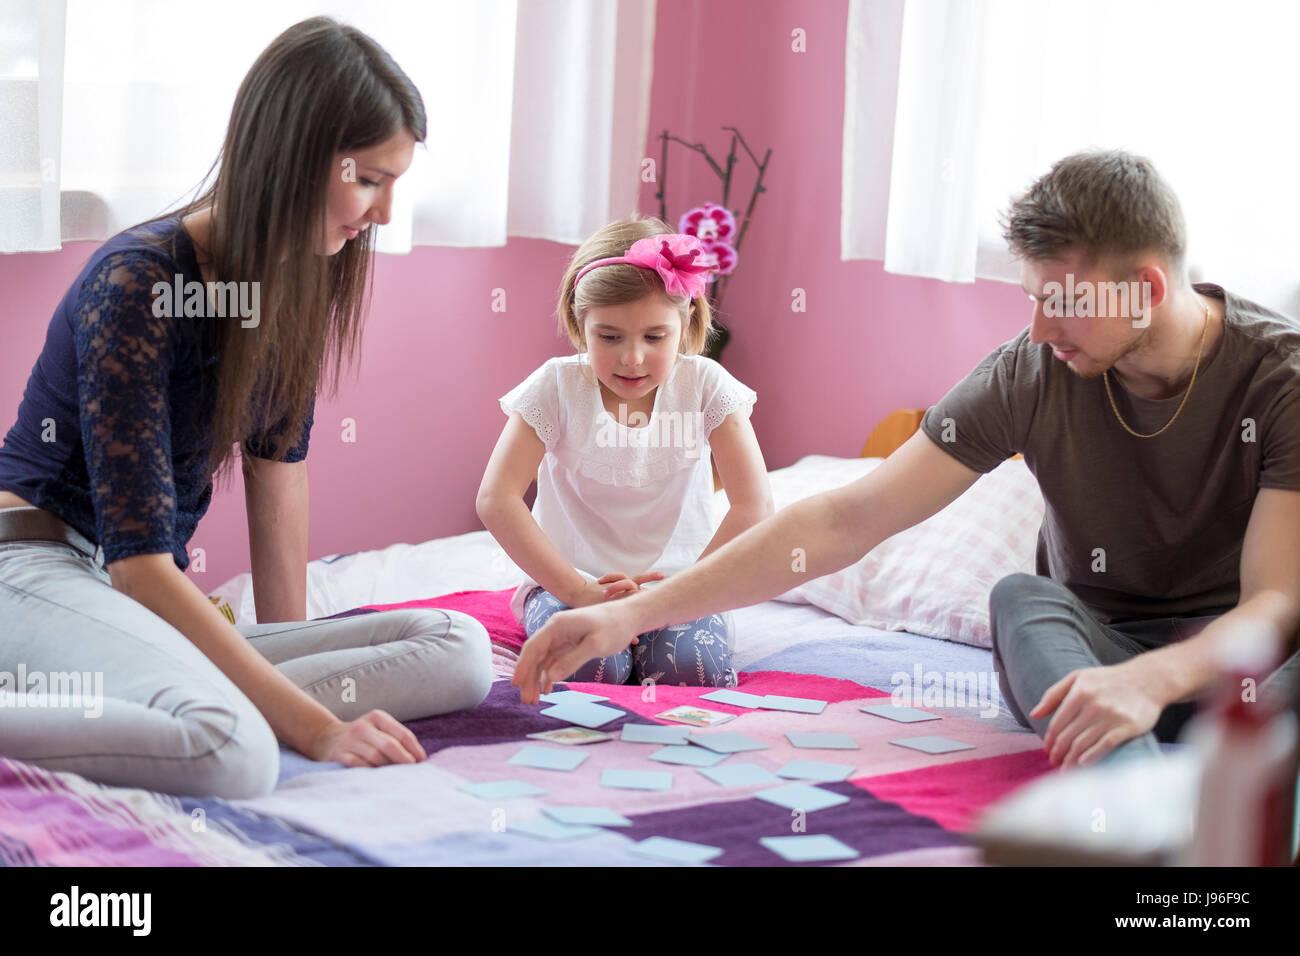 Madre e hija jugando en la cama. Concepto de diversión familiar Imagen De Stock